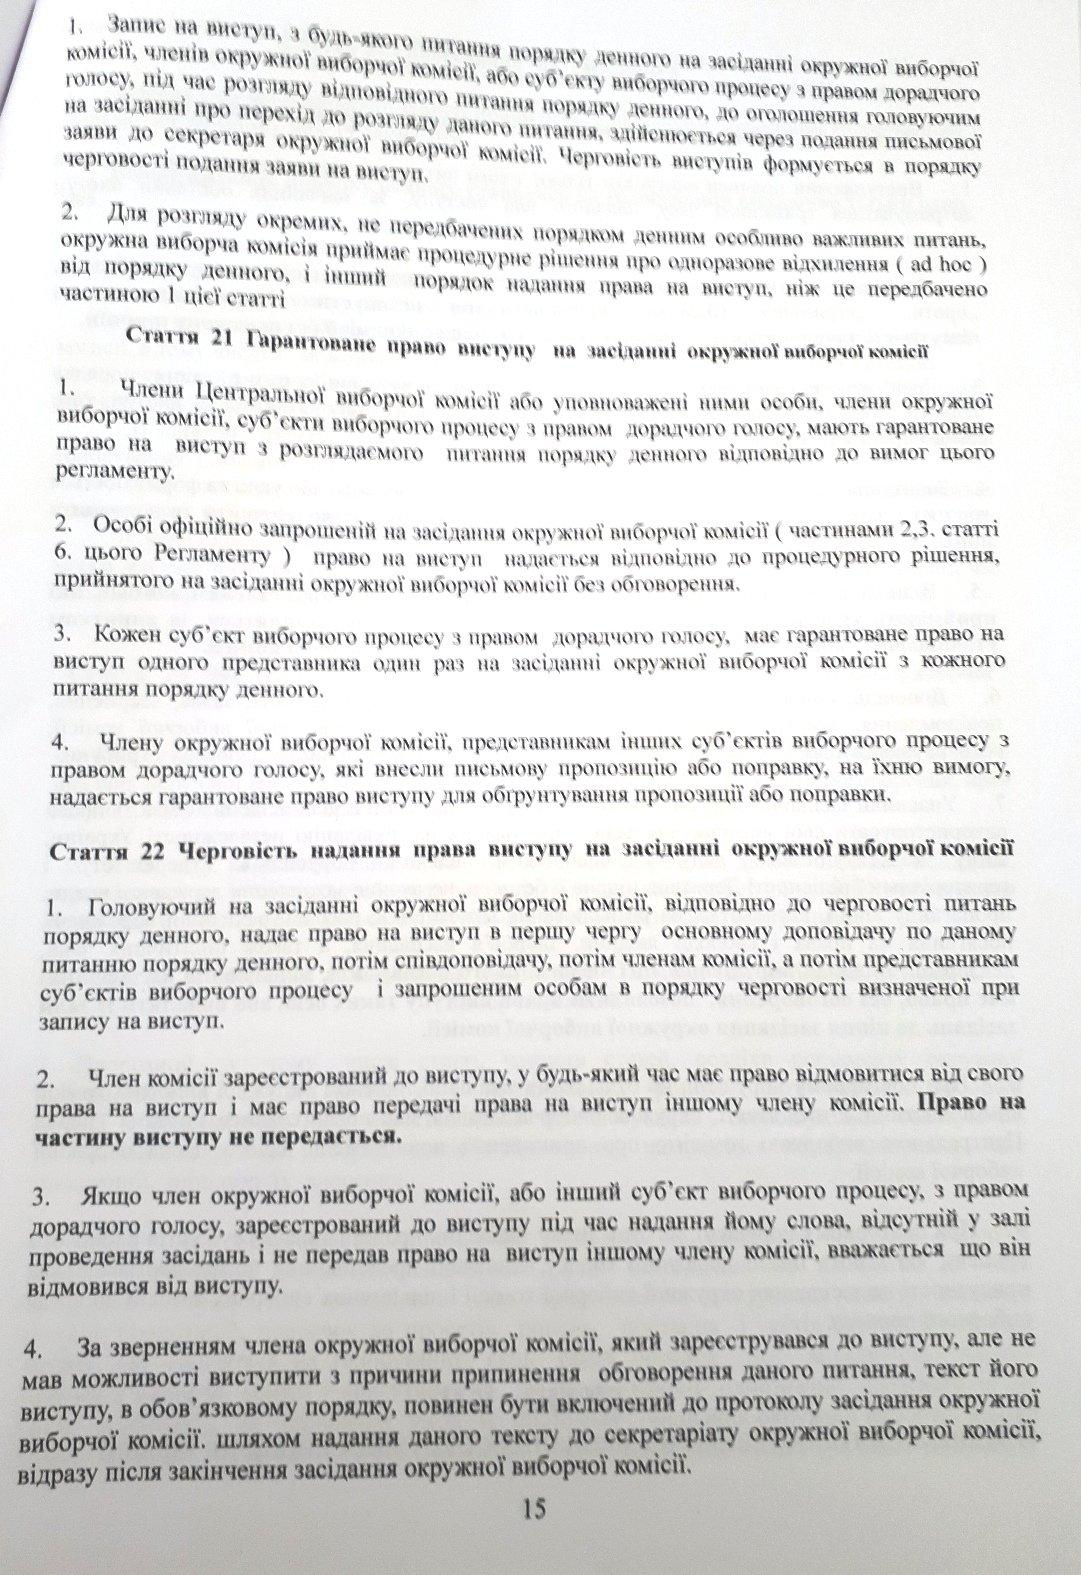 ОВК № 131 затвердила регламент роботи, який суперечить законодавству - ОПОРА, фото-4